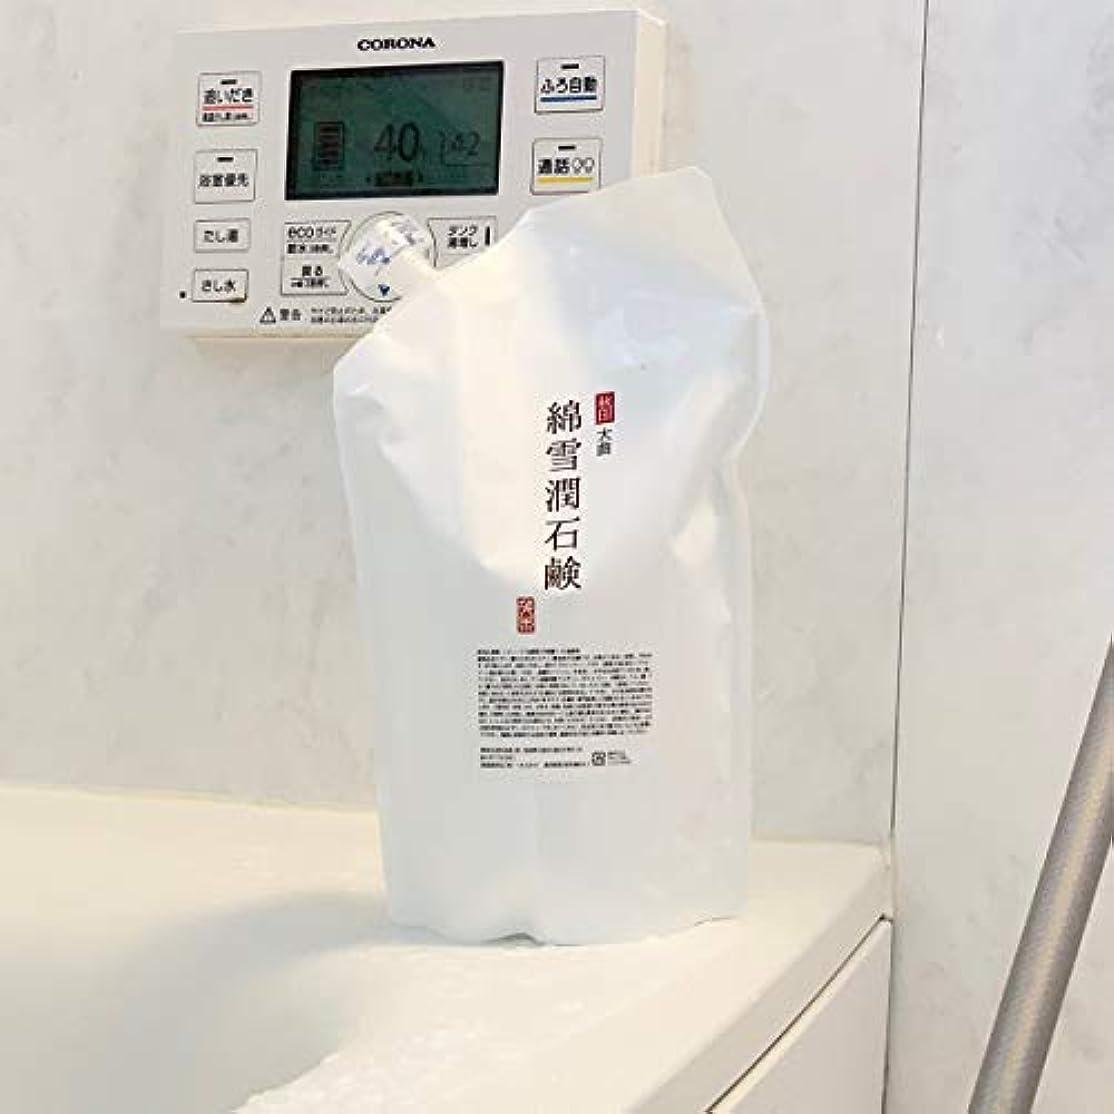 スイング排除策定する綿雪潤石鹸と綿雪泡石鹸